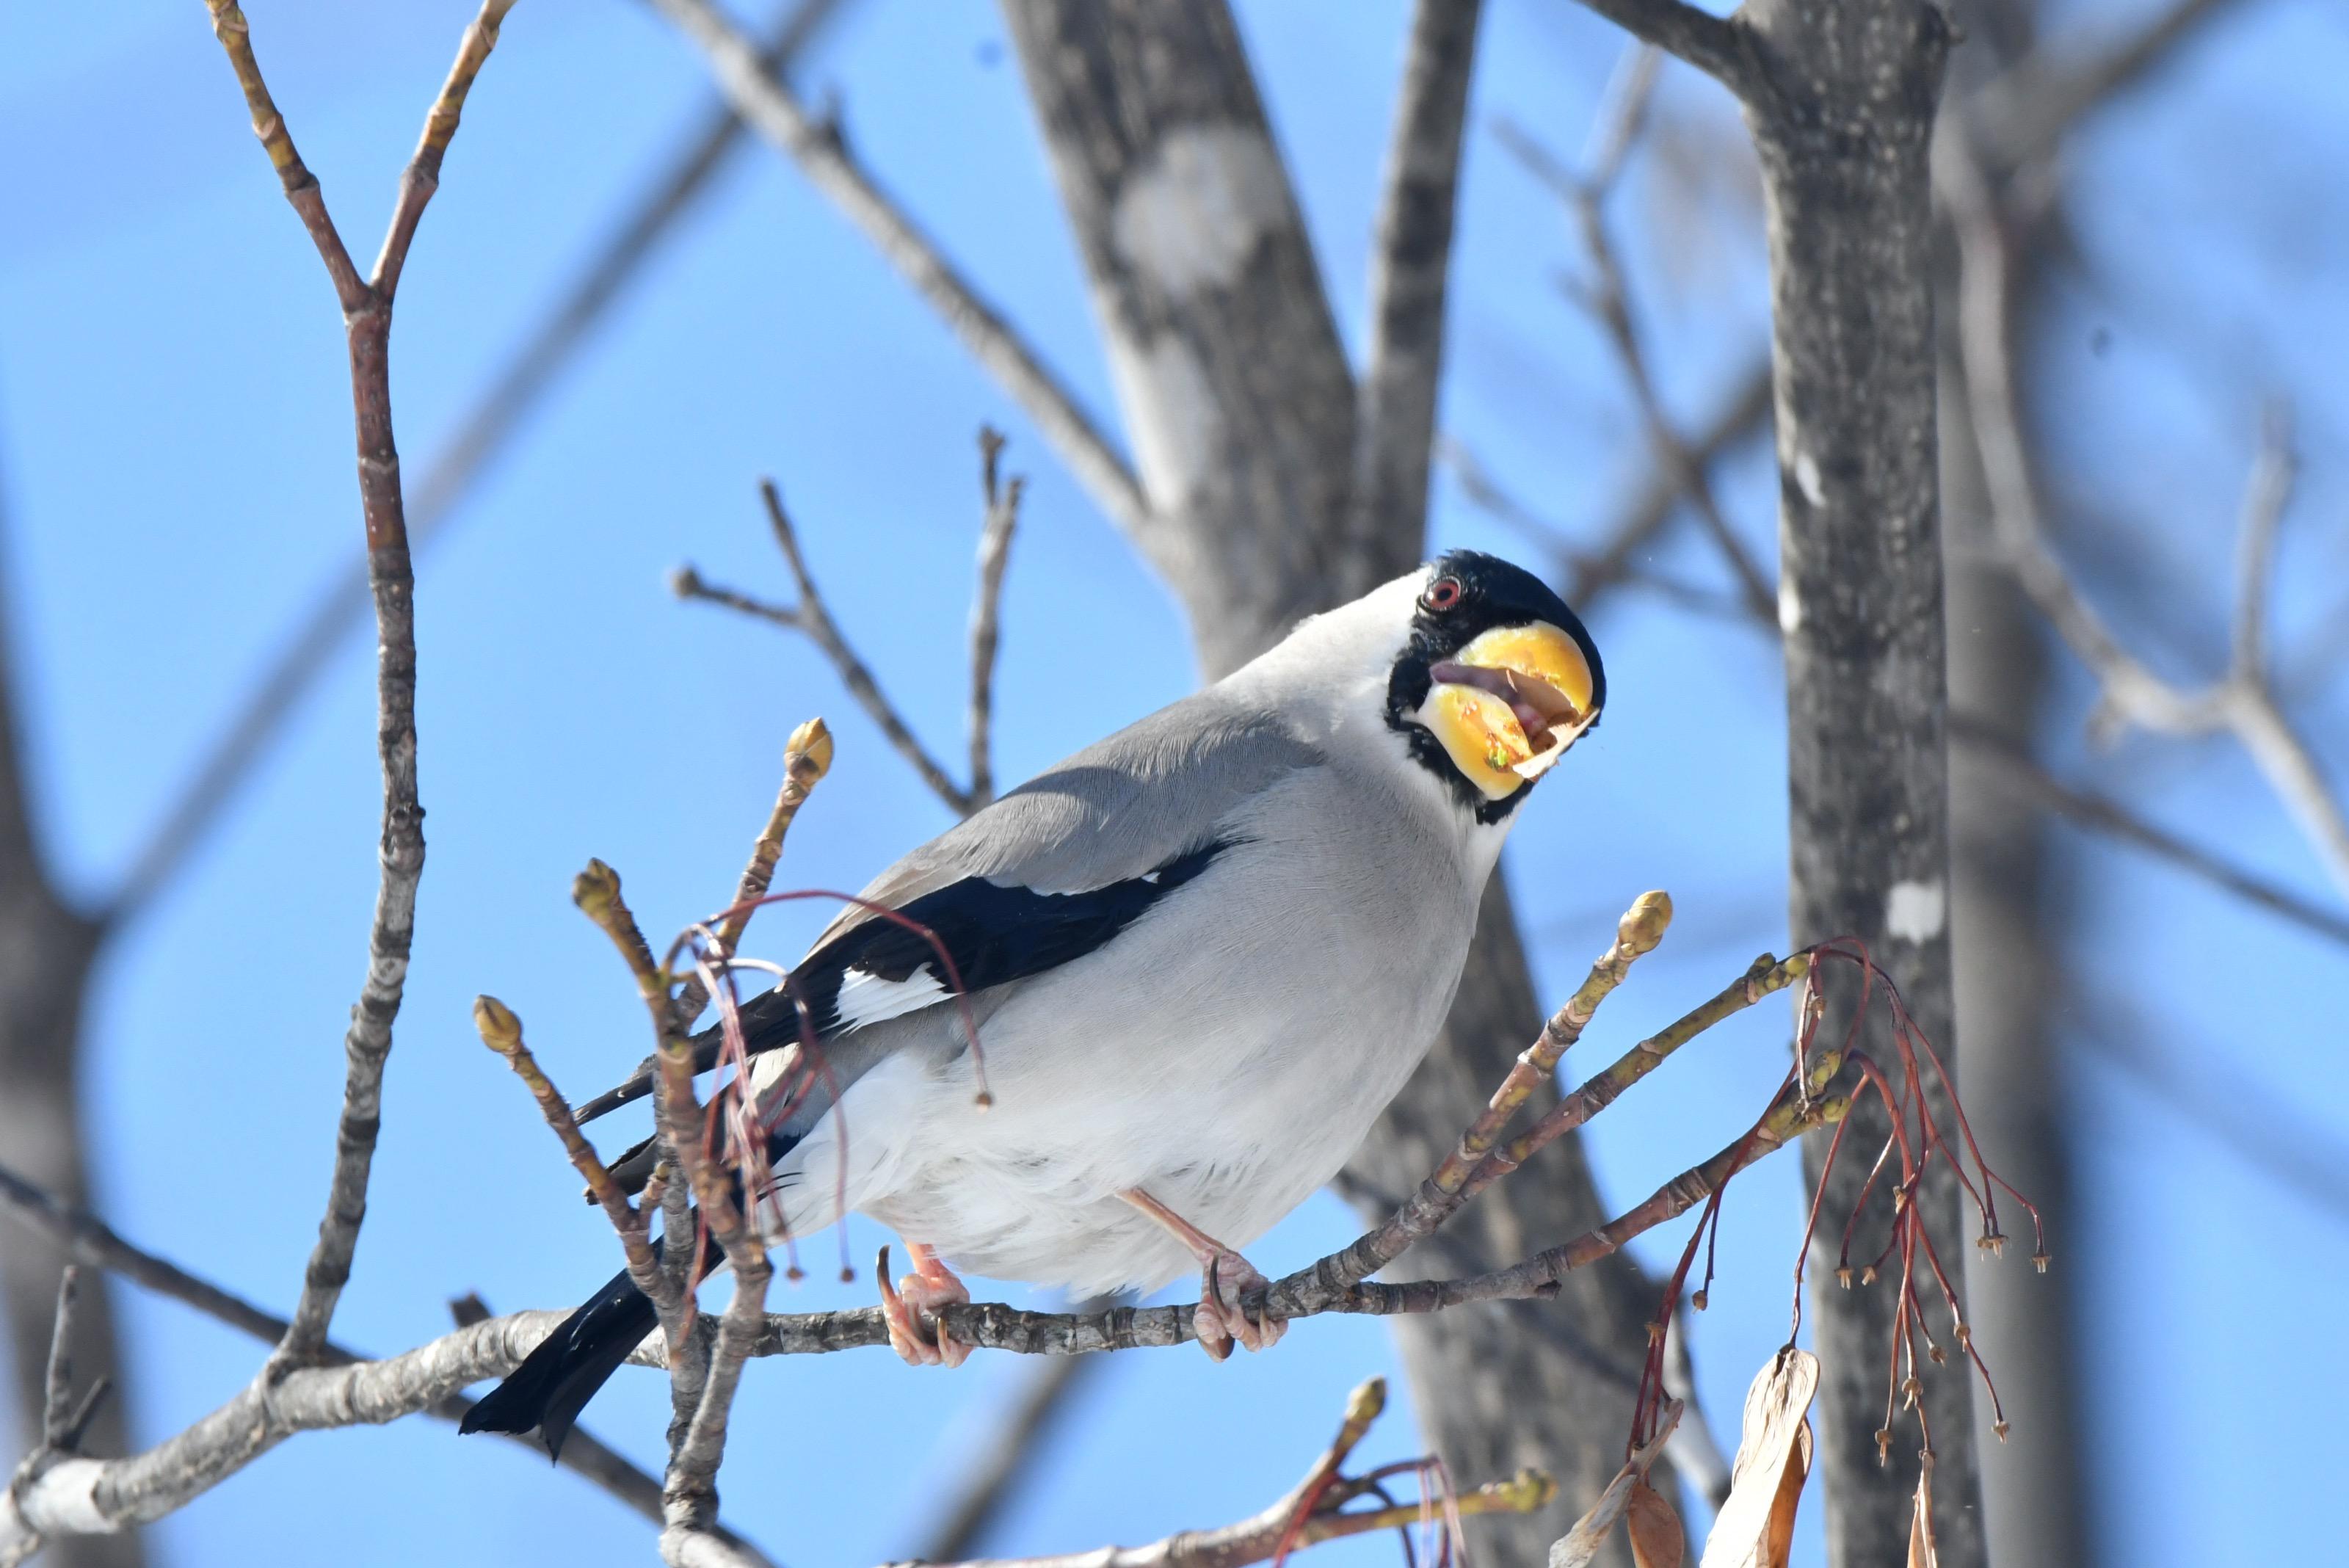 楓の種を食べる越冬イカル2